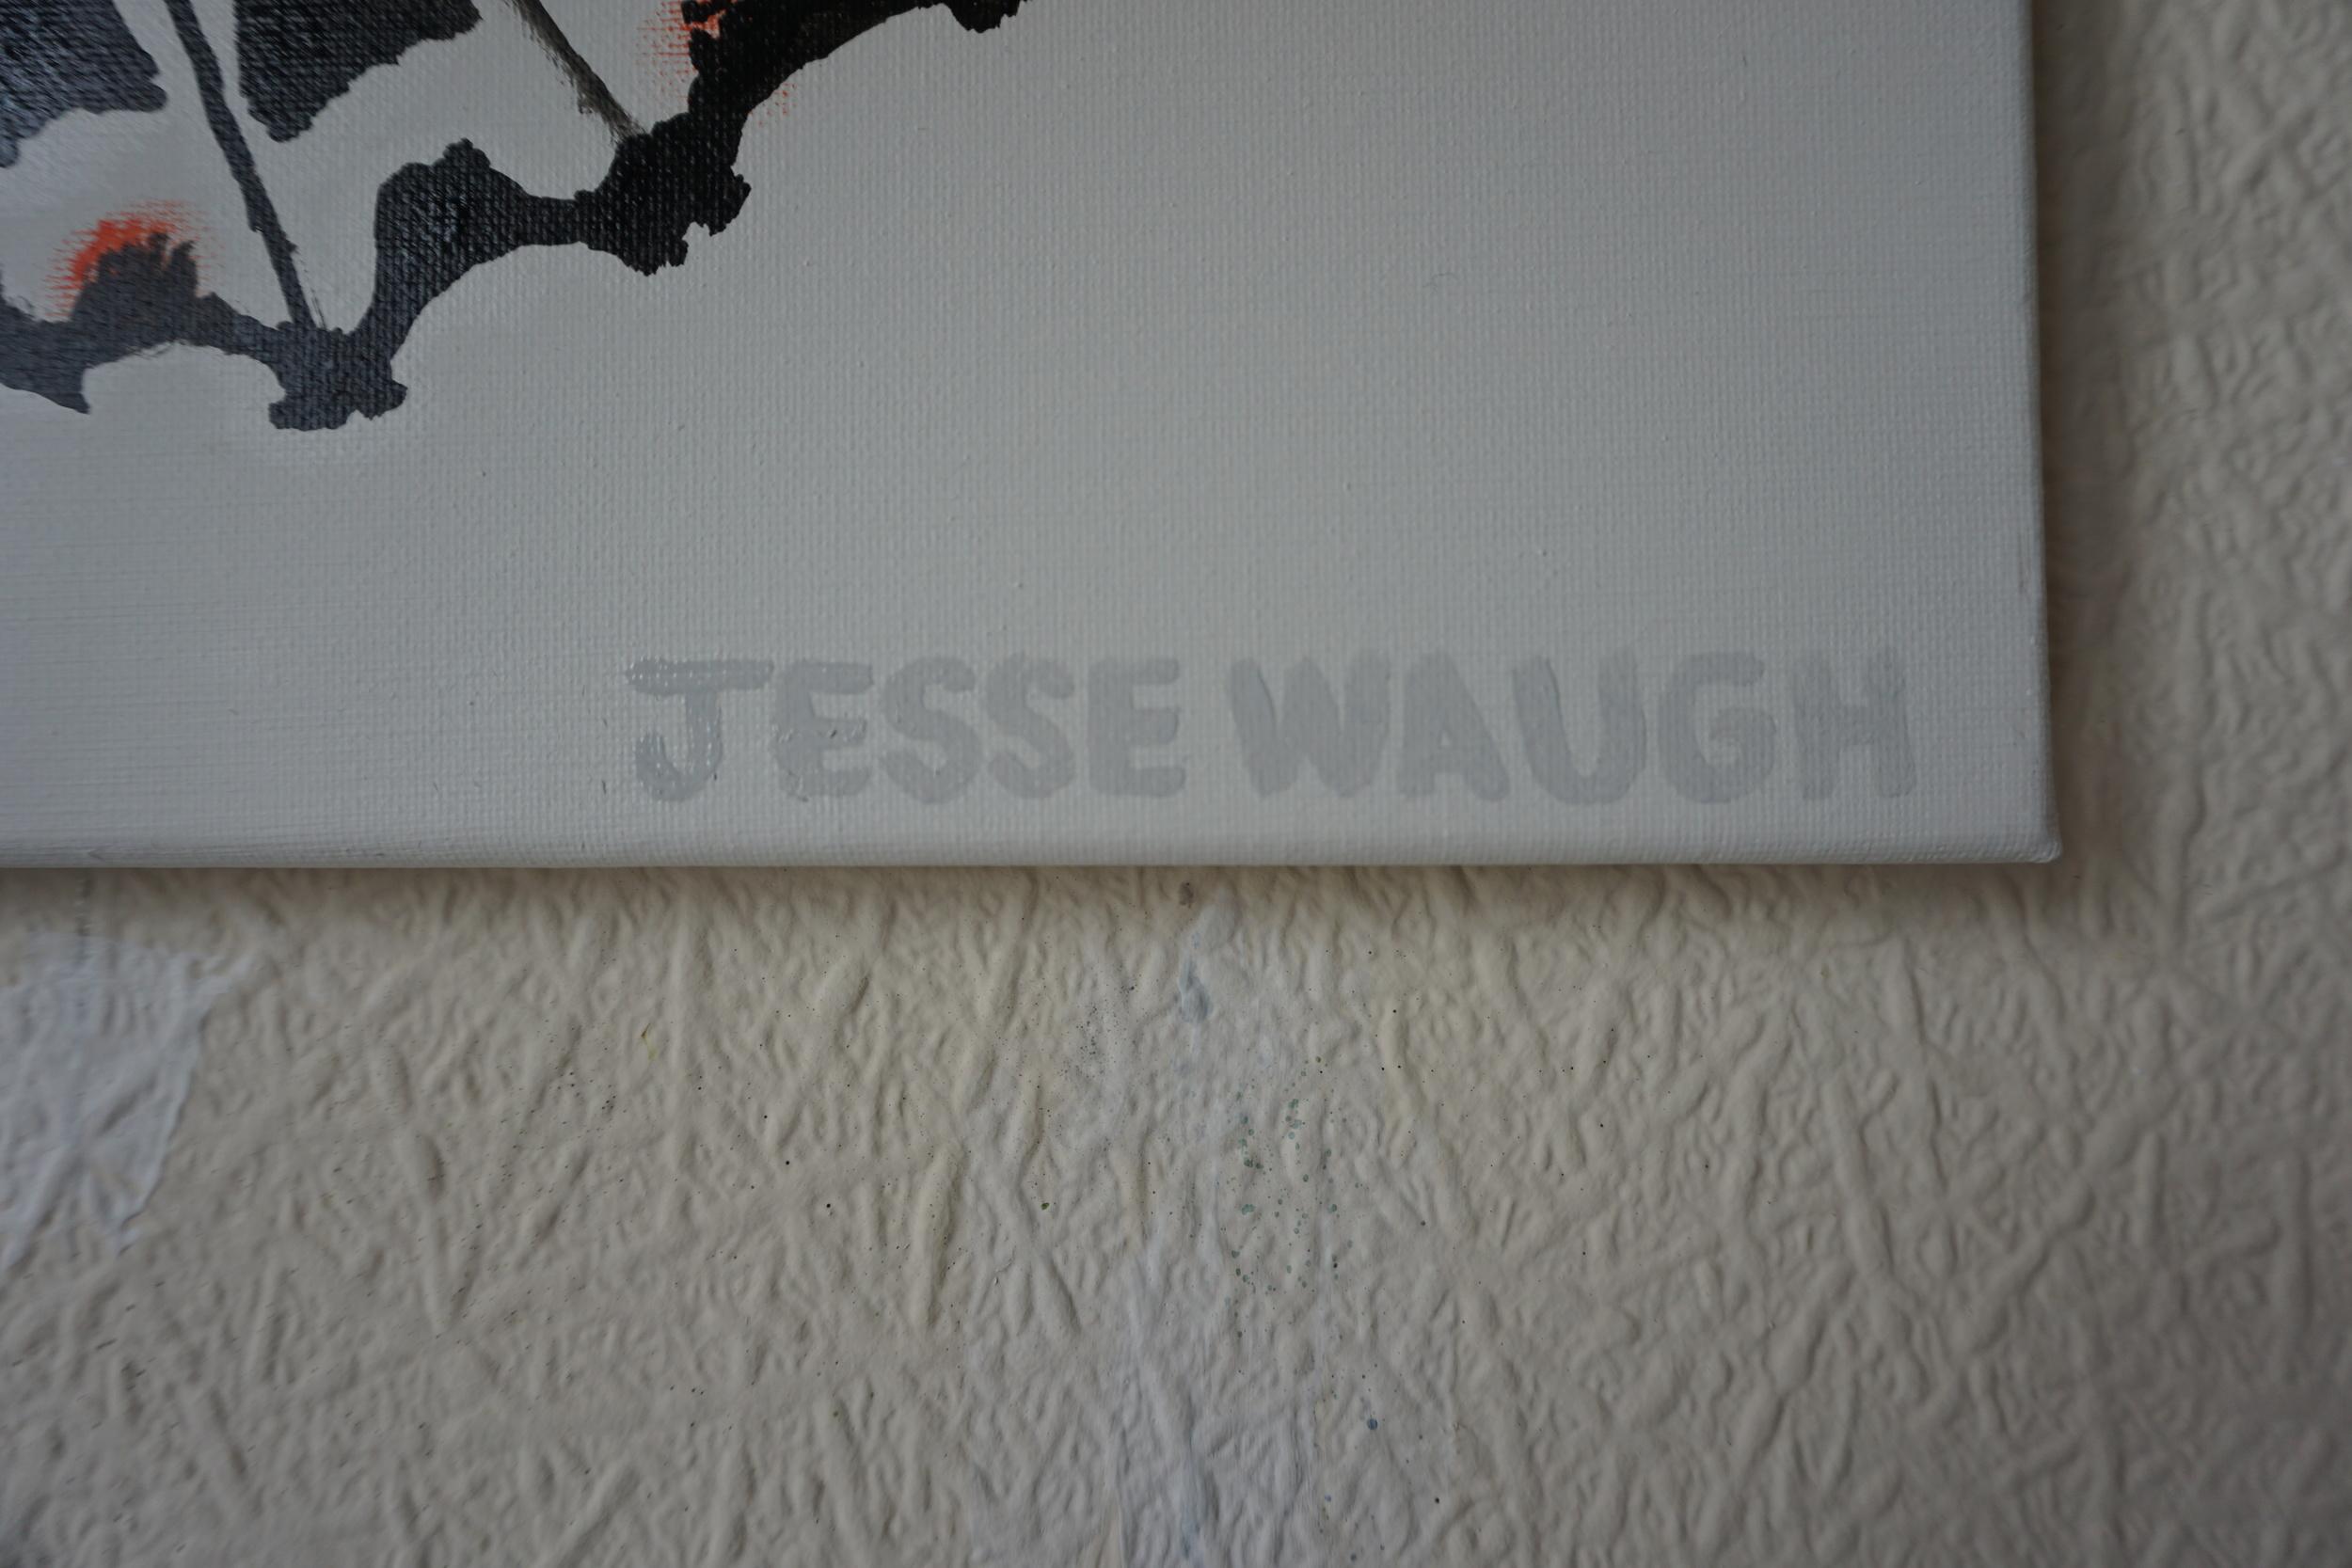 JESSE-WAUGH-Signature.jpg